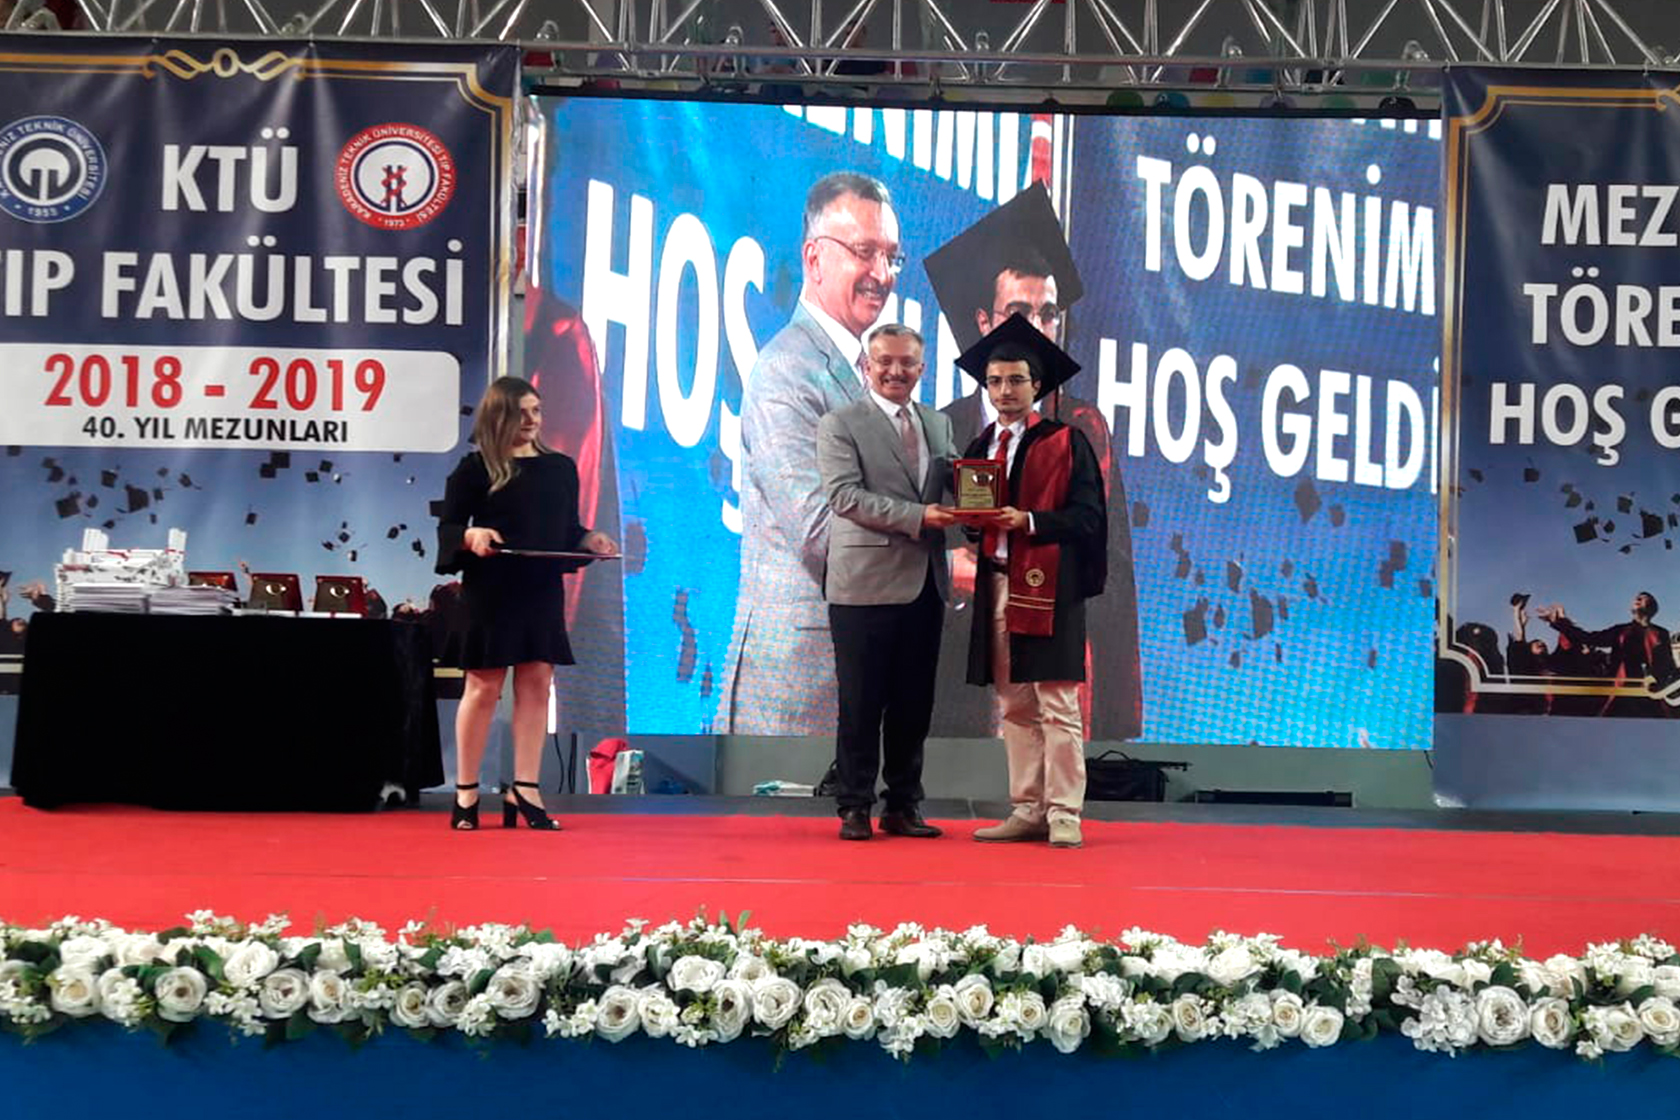 Rektör Prof. Dr. Akın Levent, Bayburt Üniversitesi ve KTÜ Rektörlerini Ziyaret etti